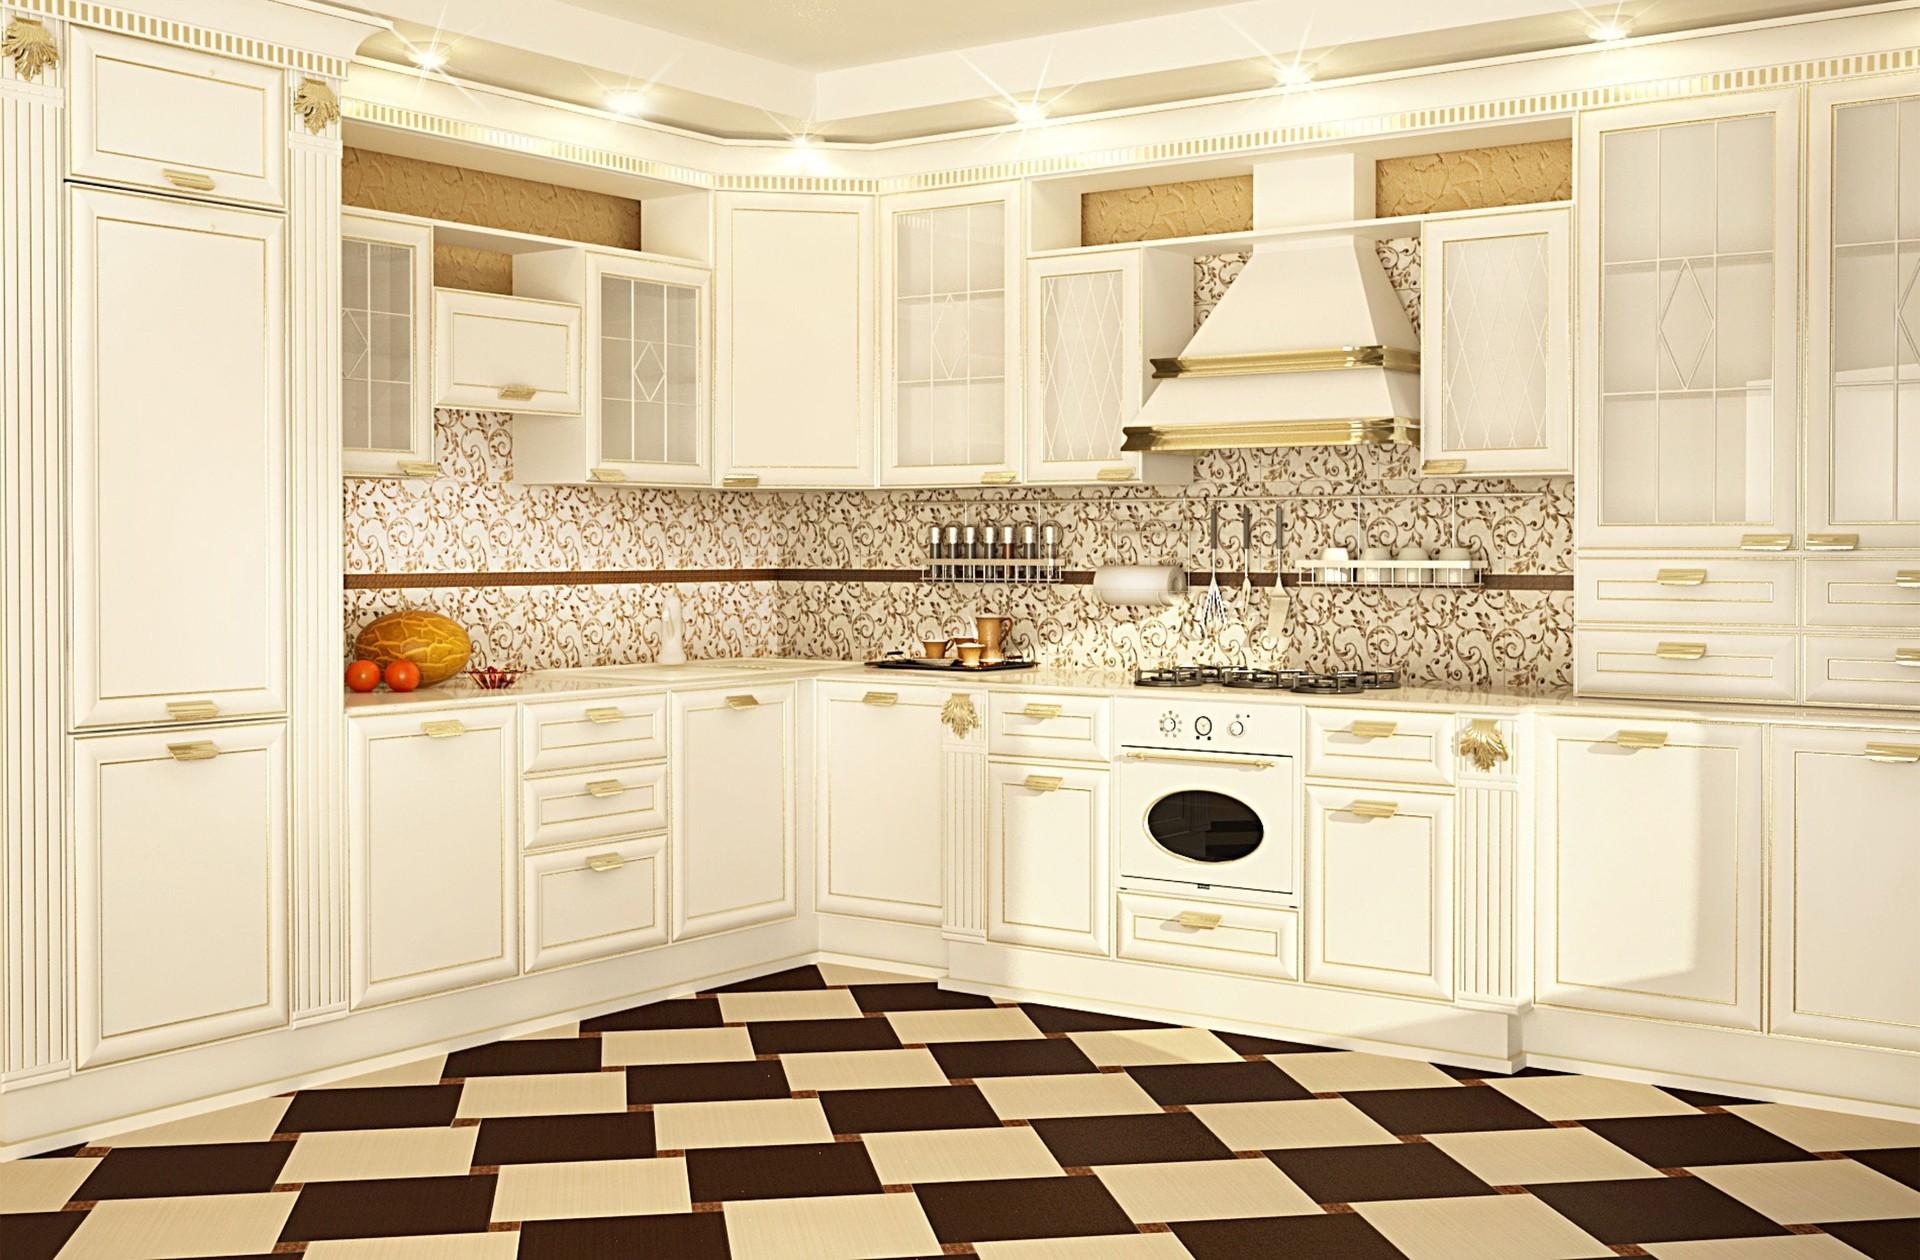 Настенная плитка Керамическая плитка Флориан Керамин: цвет - белый; размер плитки - 27.5x40 - Купить в интернет-магазине Мир Керамики